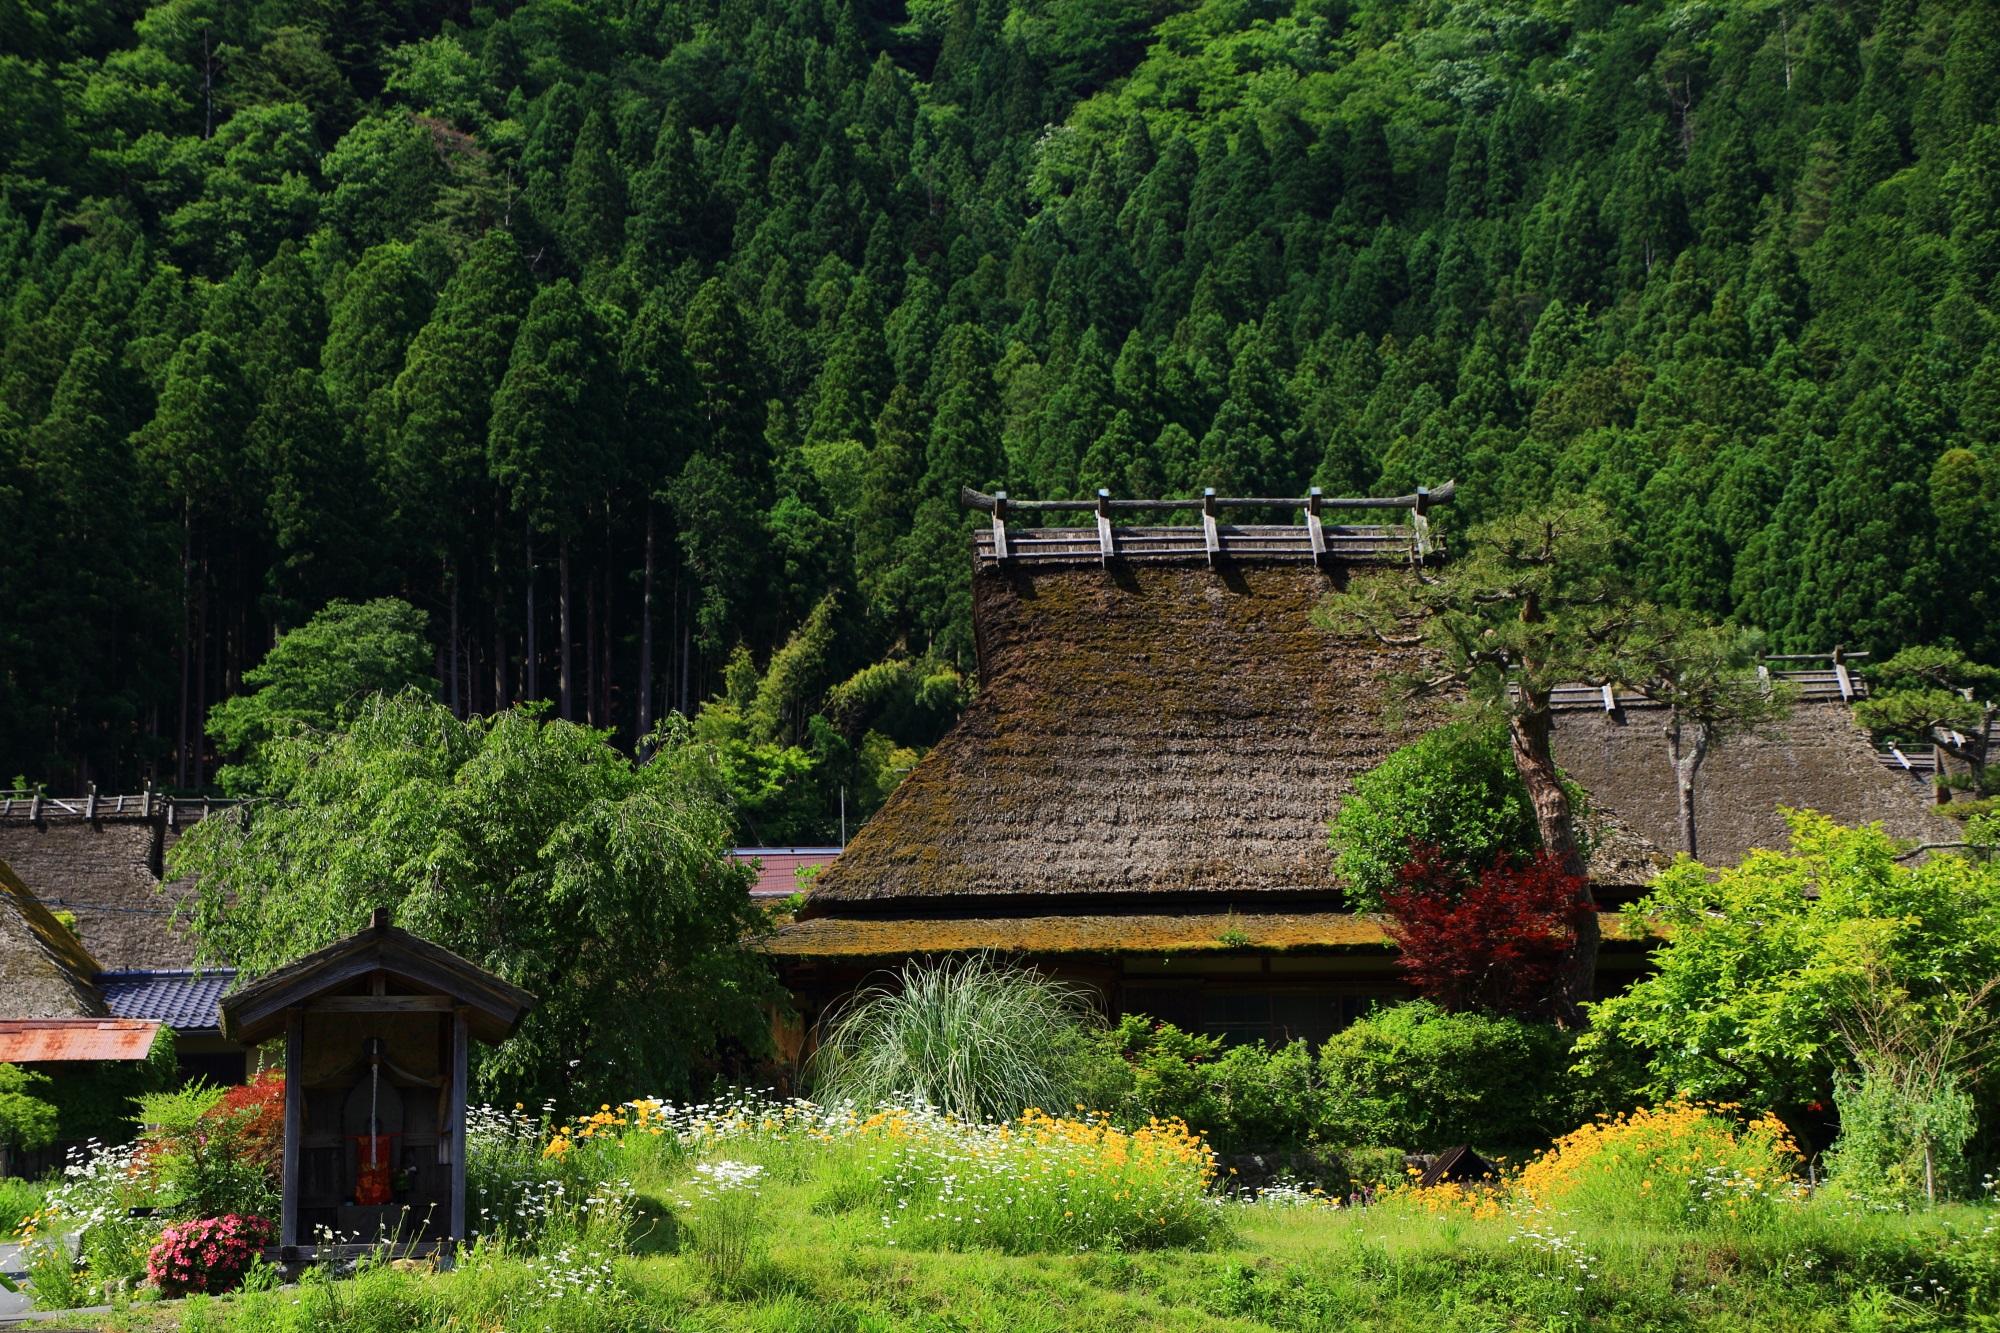 見事な構えの立派なかかやぶき屋根の家と背景の杉の木の山